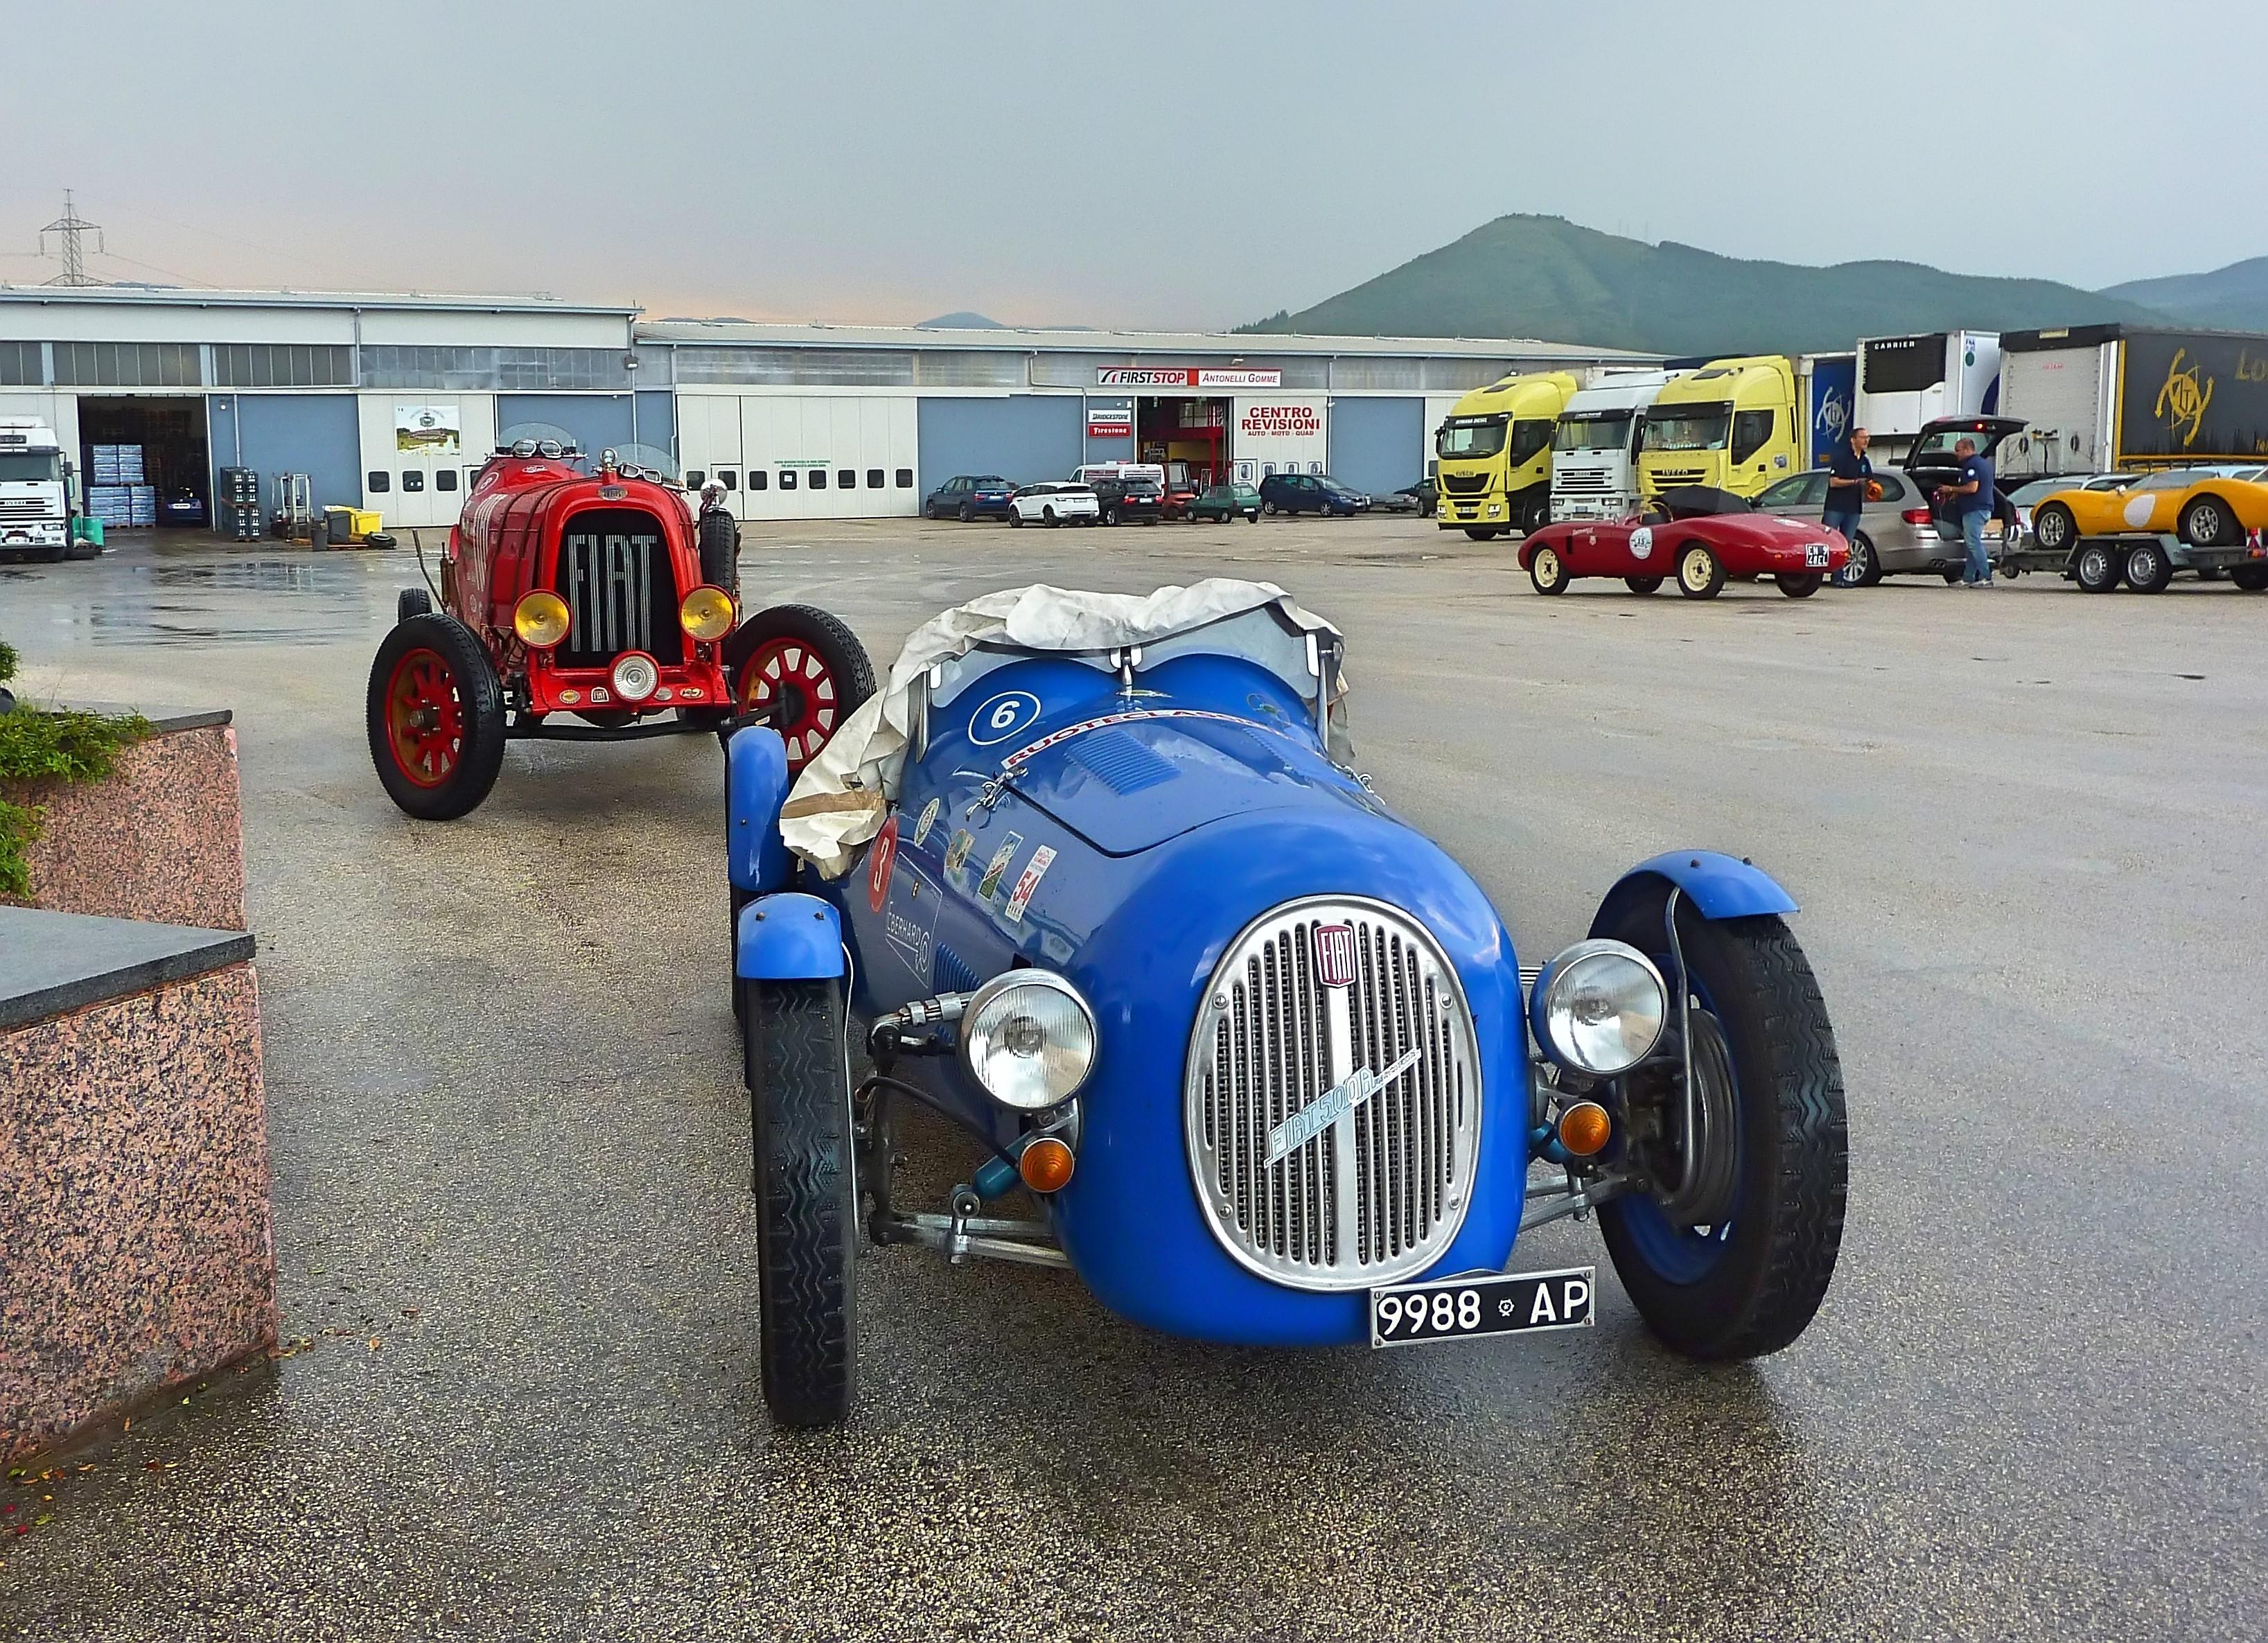 4th Circuito Di Avezzano 2016 (8)